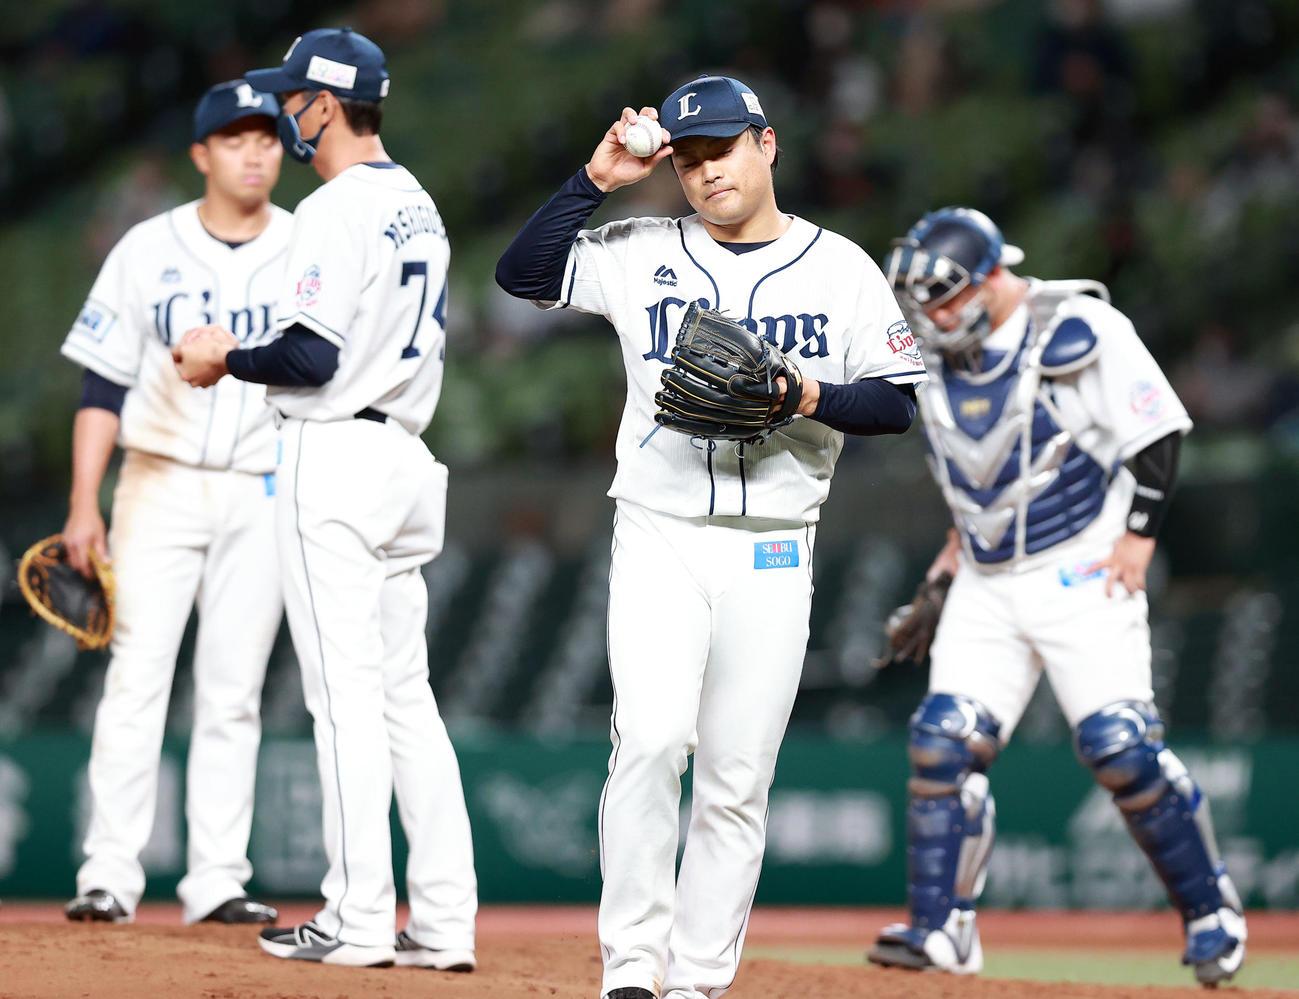 西武対日本ハム 6回表日本ハム無死一、二塁、渡辺に四球を与えた場面で降板となった松本(手前)は悔しそうにマウンドを降りる(撮影・浅見桂子)